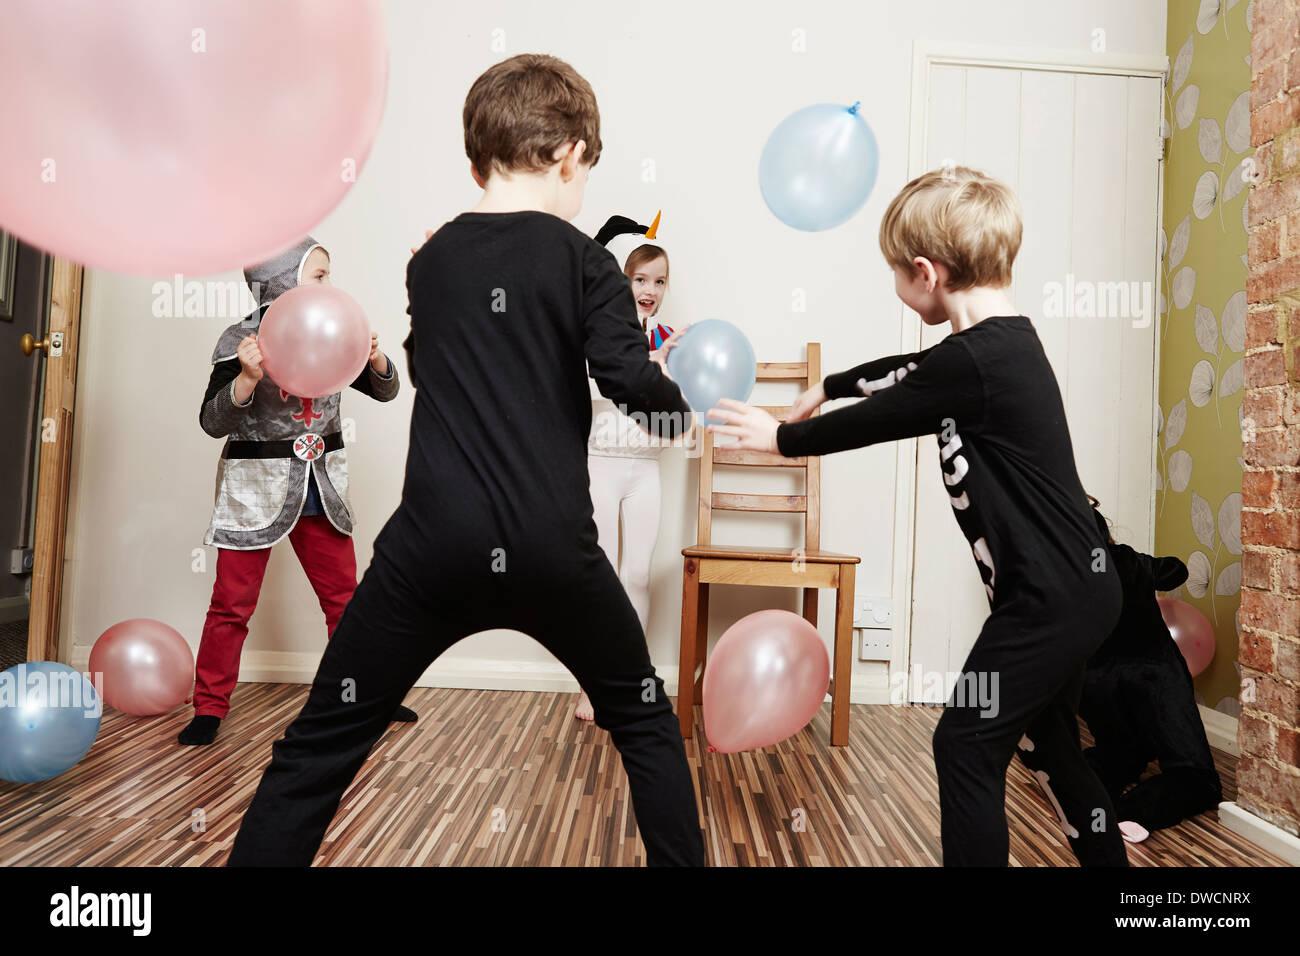 Enfants jouant avec des ballons at Birthday party Banque D'Images